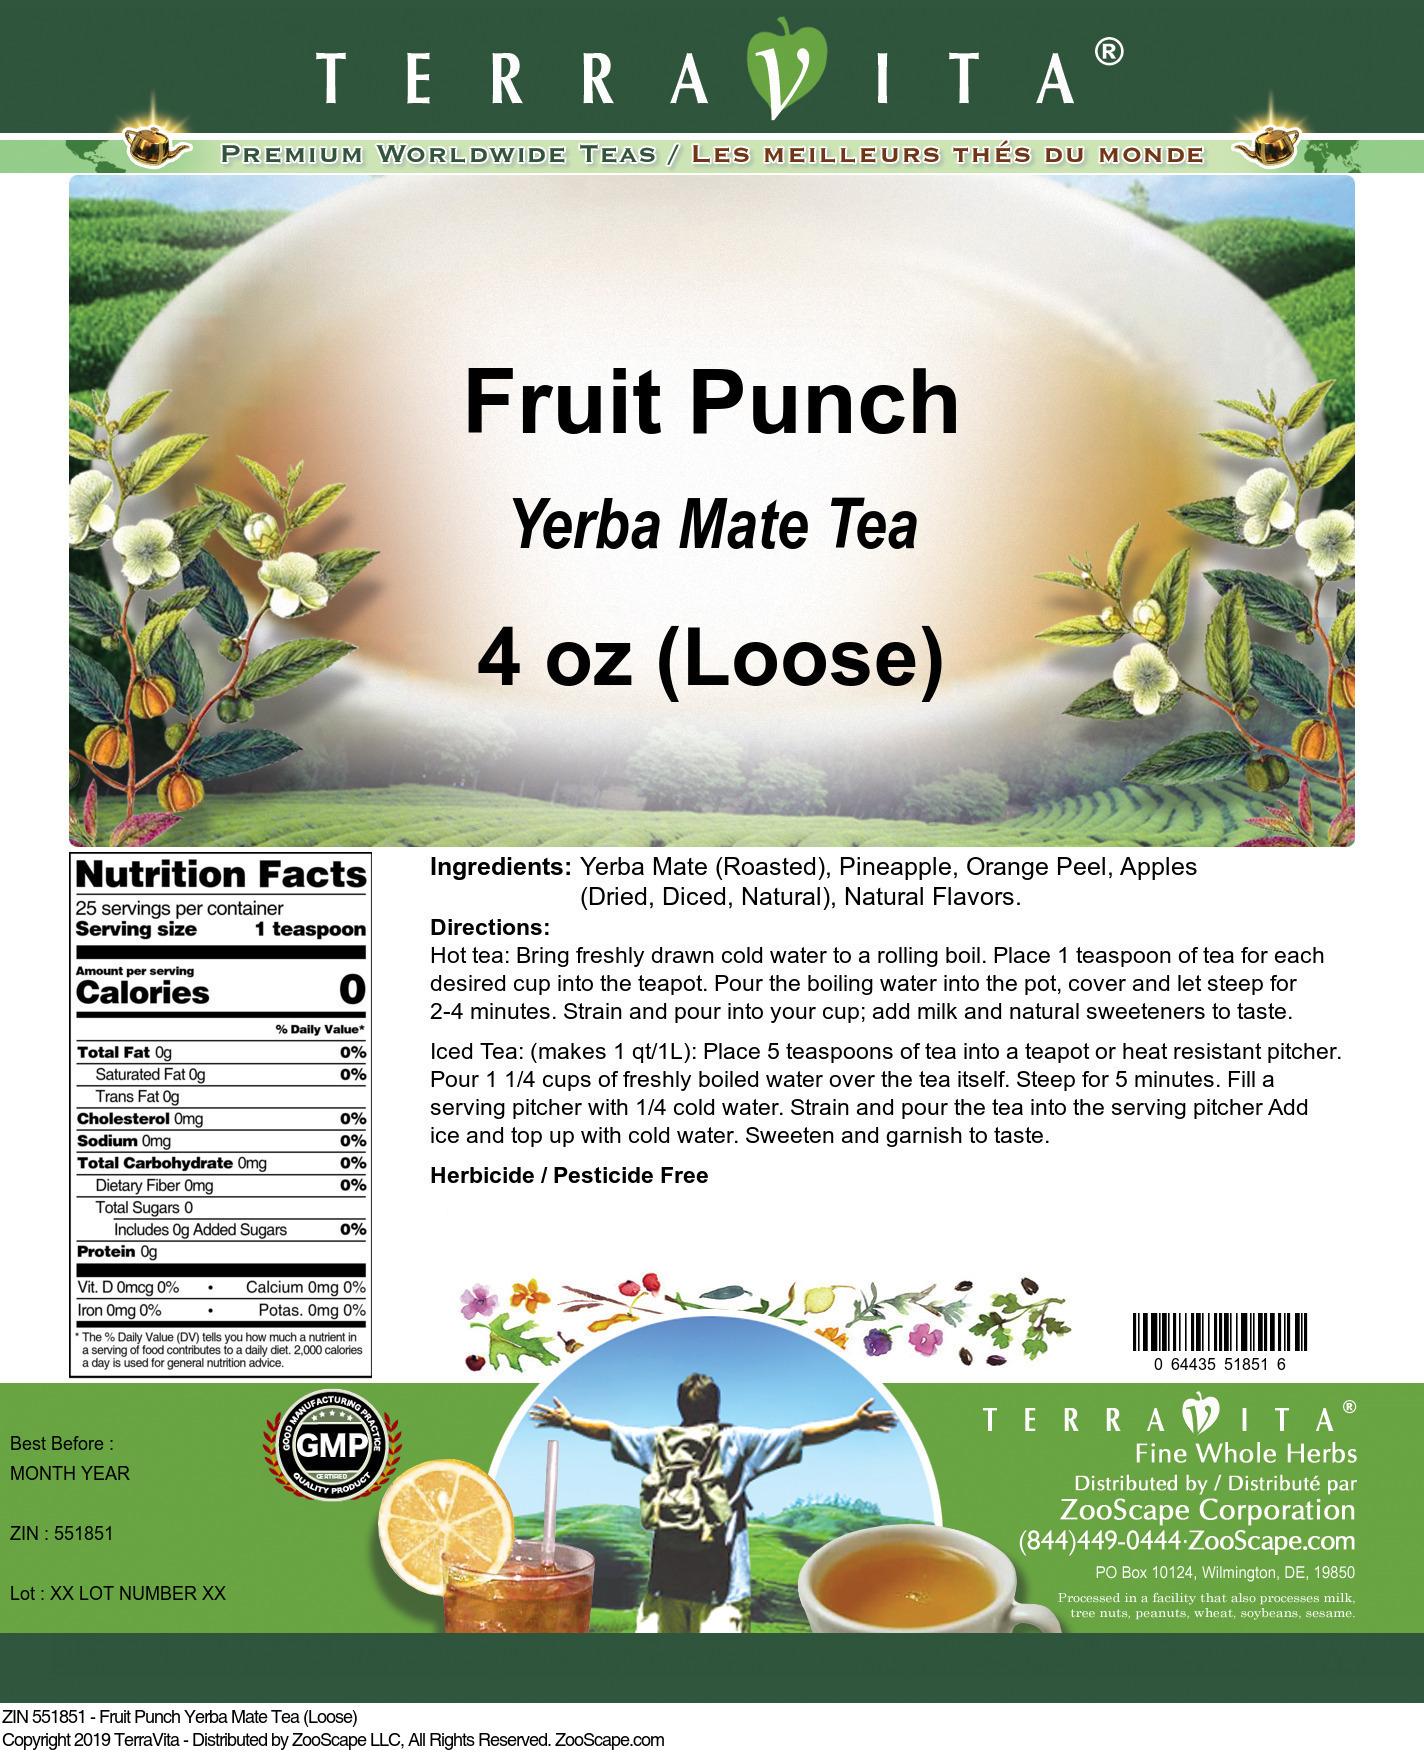 Fruit Punch Yerba Mate